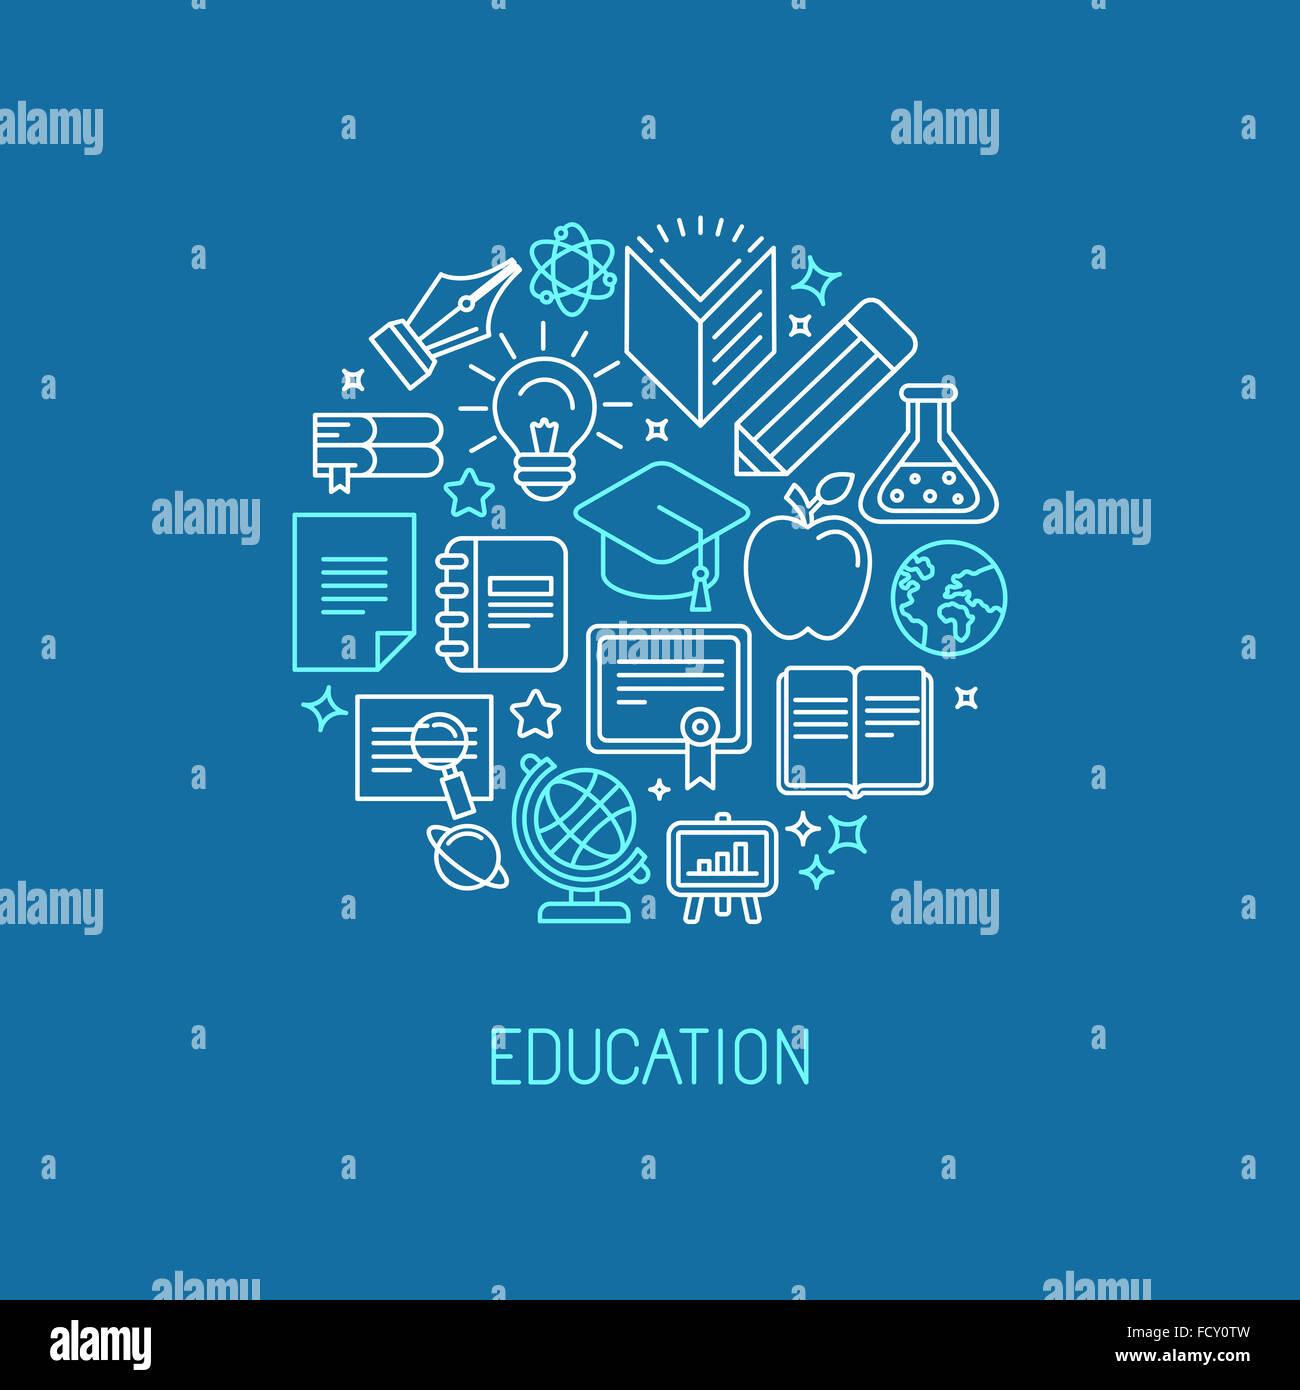 Linear-Logo Design-Vorlage - Online-Bildung und Universitätskonzept in trendigen Umriss-Stil Stockbild